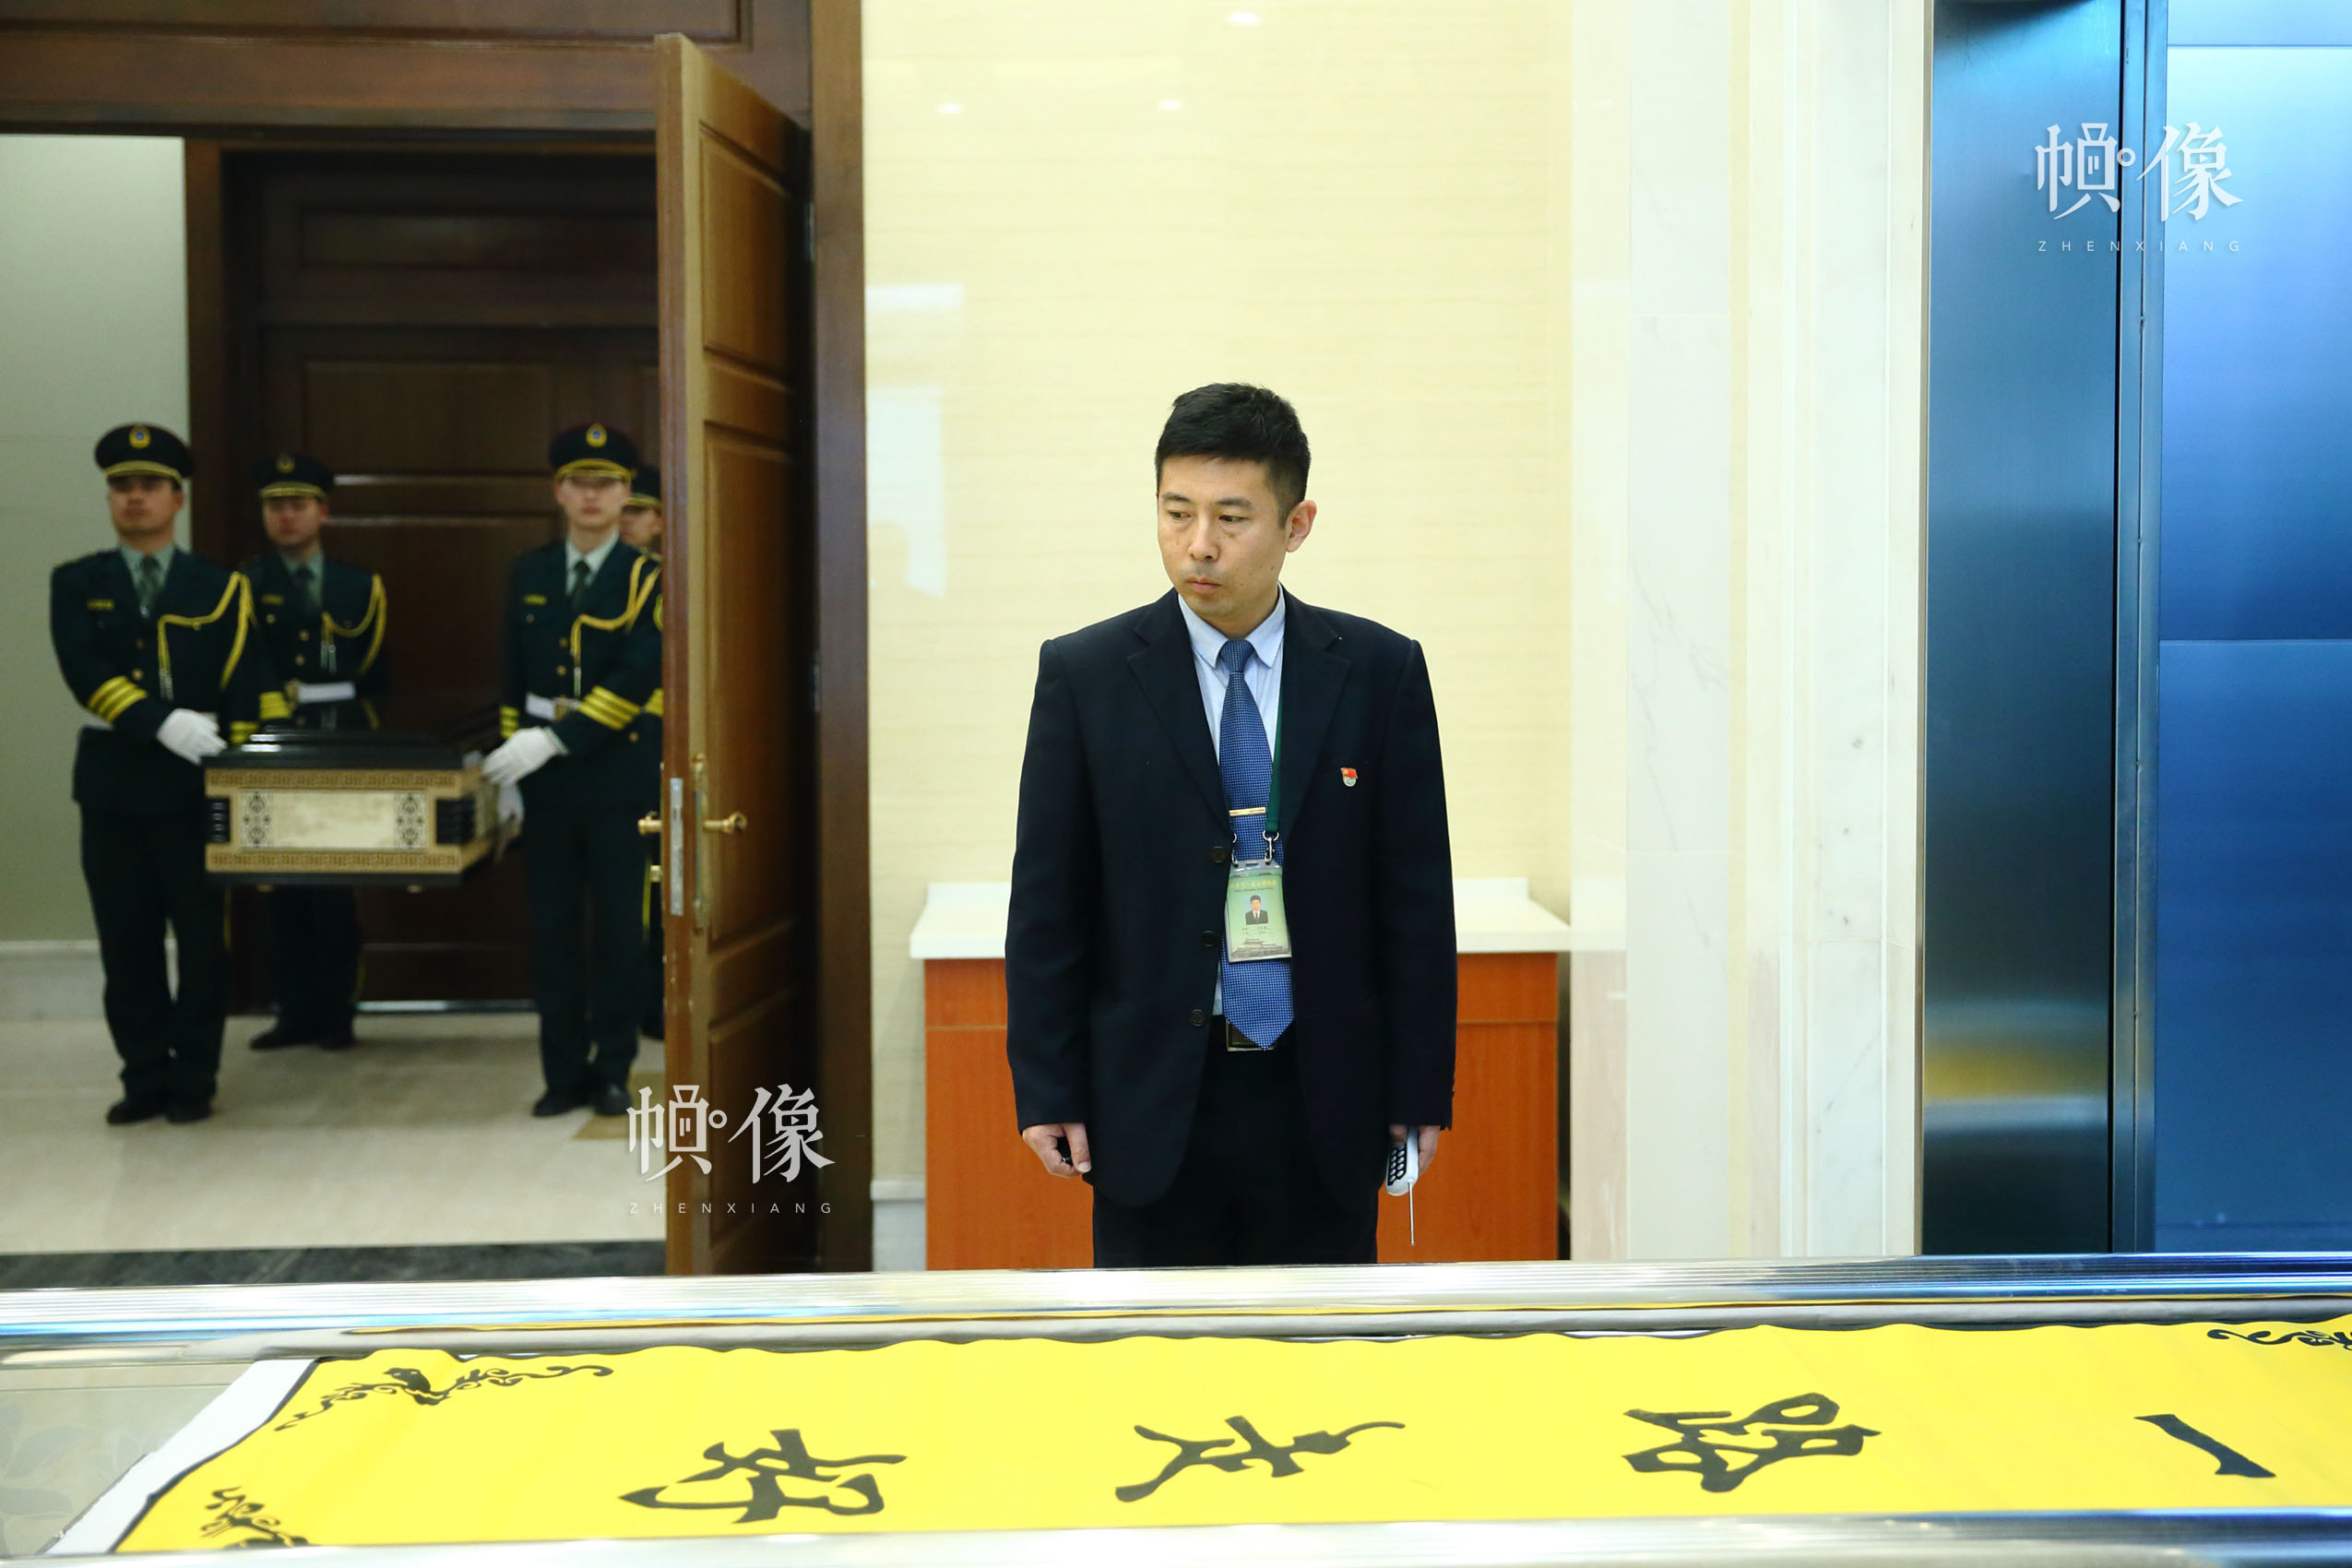 北京八宝山殡仪馆,殡仪士兵在殡仪馆火化室副主任魏童的引导下,将放有逝者遗体的棺木放置火化炉火化。中国网记者 陈维松 摄